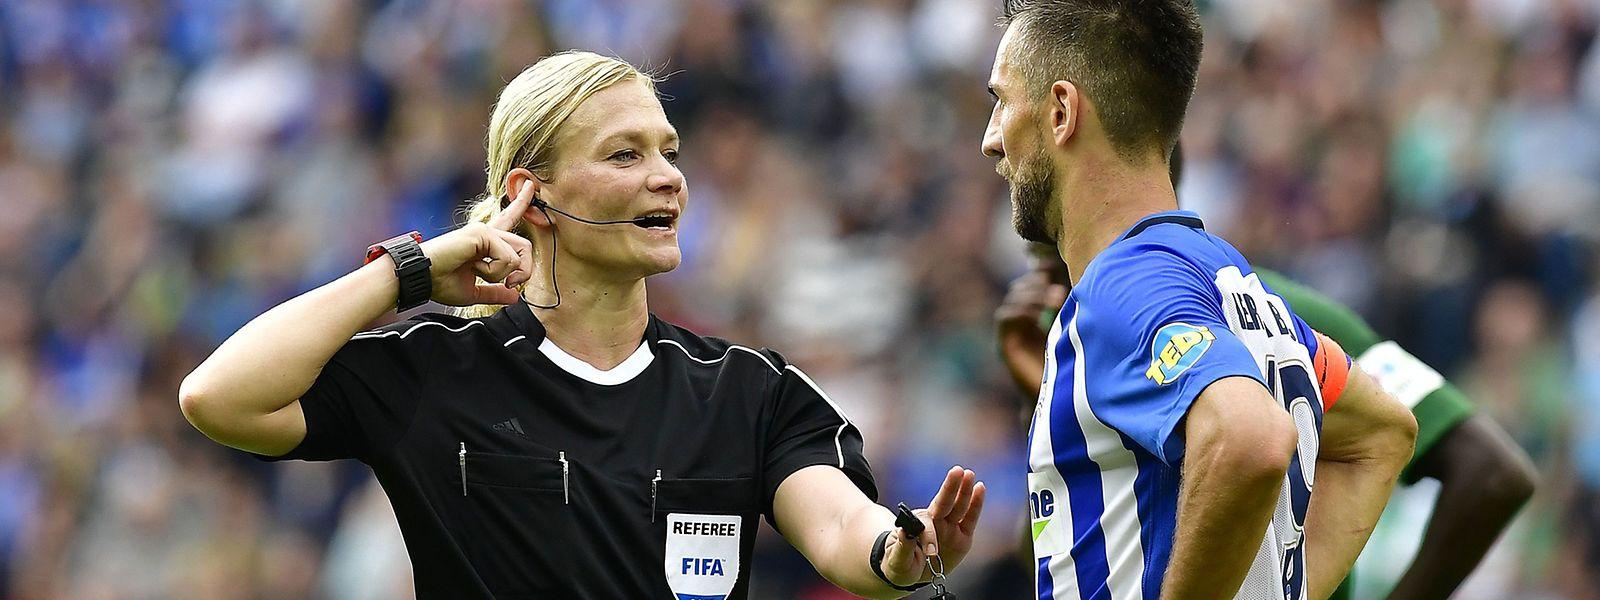 Knopf im Ohr: Die Schiedsrichter warten mittlerweile des Öfteren auf eine Anweisung des Videoassistenten.